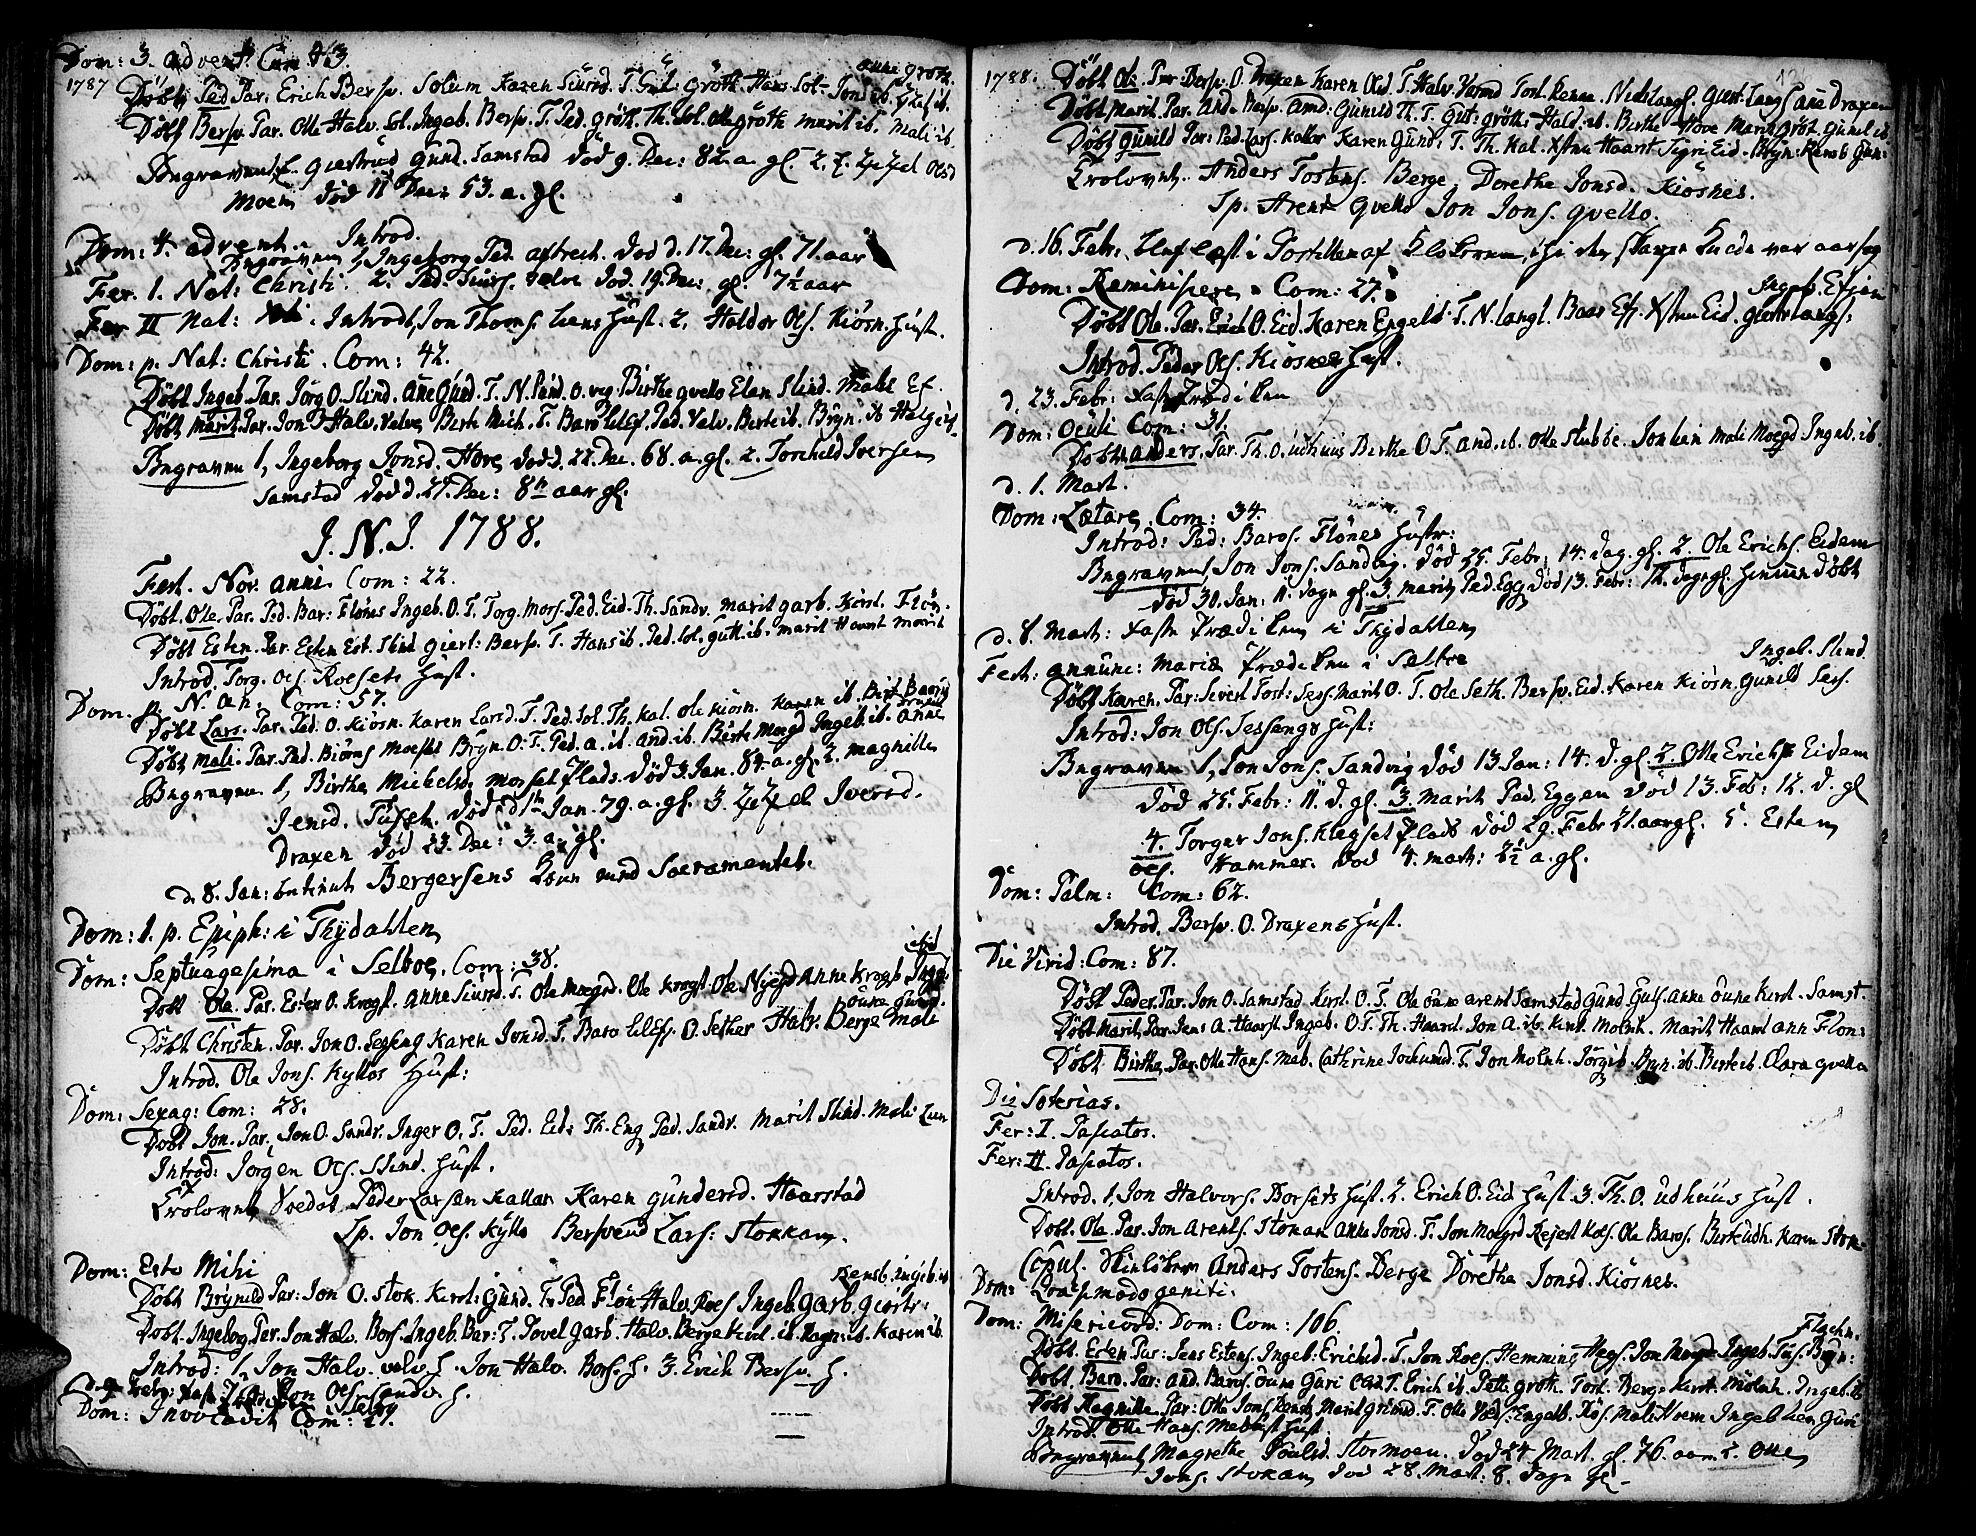 SAT, Ministerialprotokoller, klokkerbøker og fødselsregistre - Sør-Trøndelag, 695/L1138: Ministerialbok nr. 695A02 /1, 1757-1801, s. 126